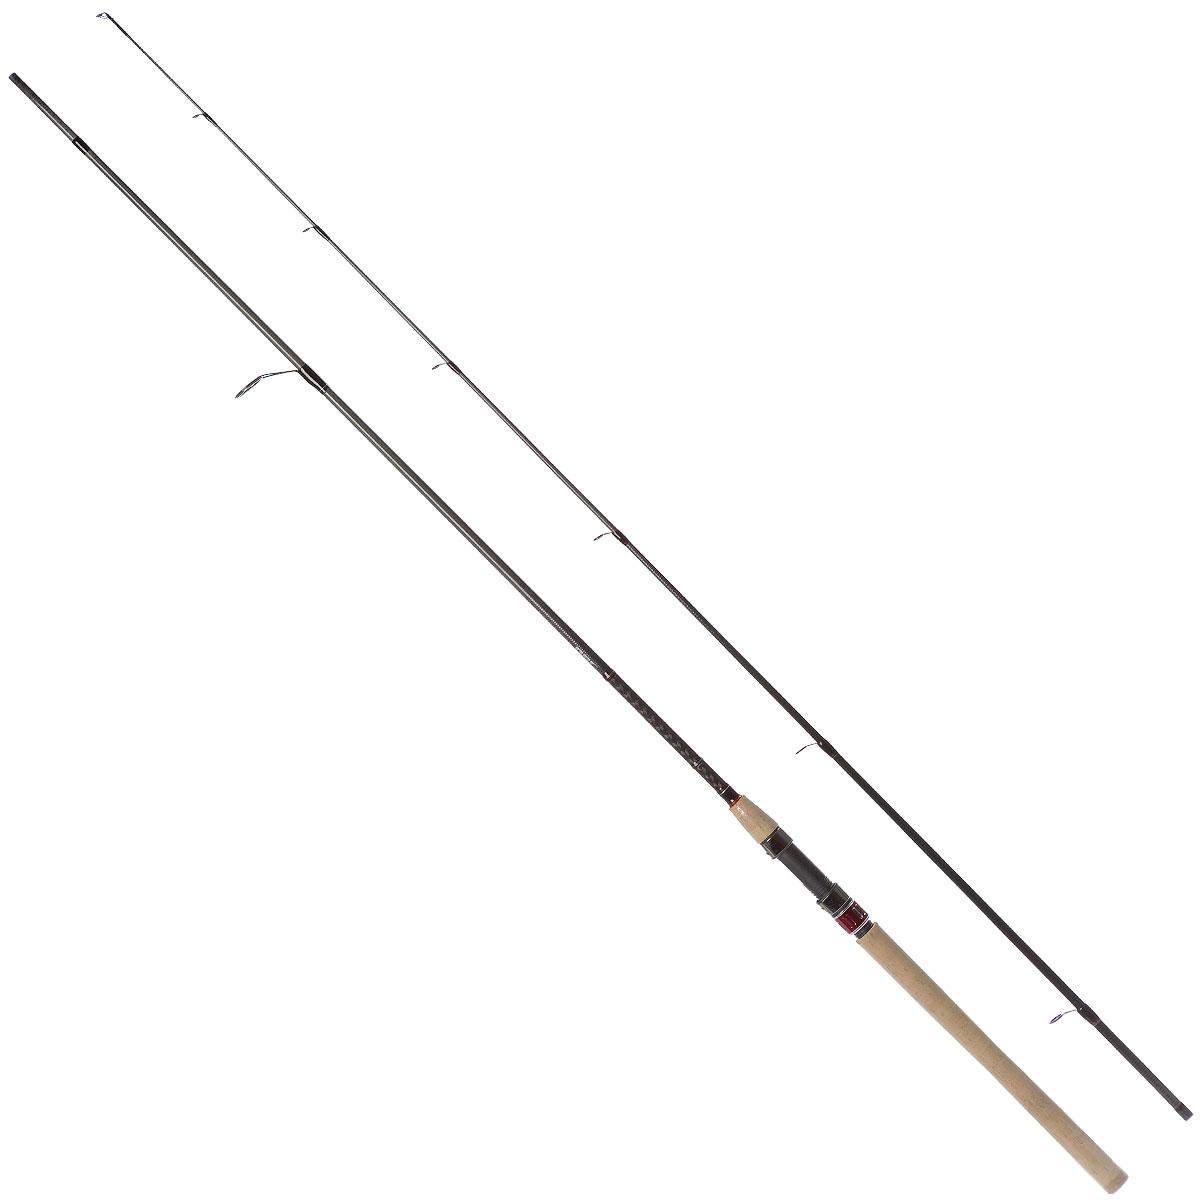 Удилище спиннинговое Daiwa Procaster, штекерное, 2,7 м, 15-50 г